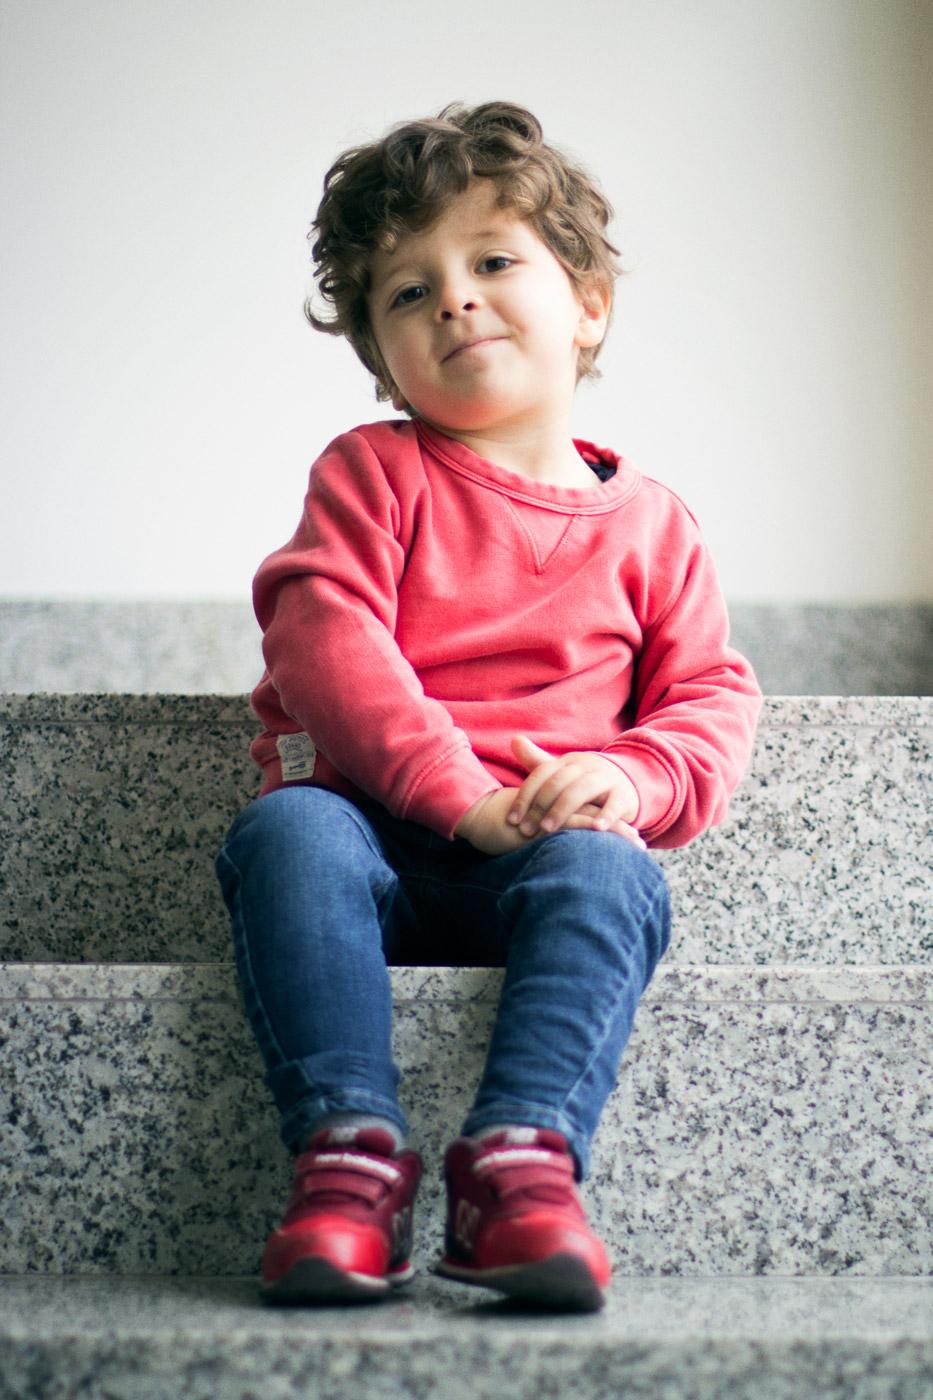 niño con jersey rojo sentado en los escalones de una escalera